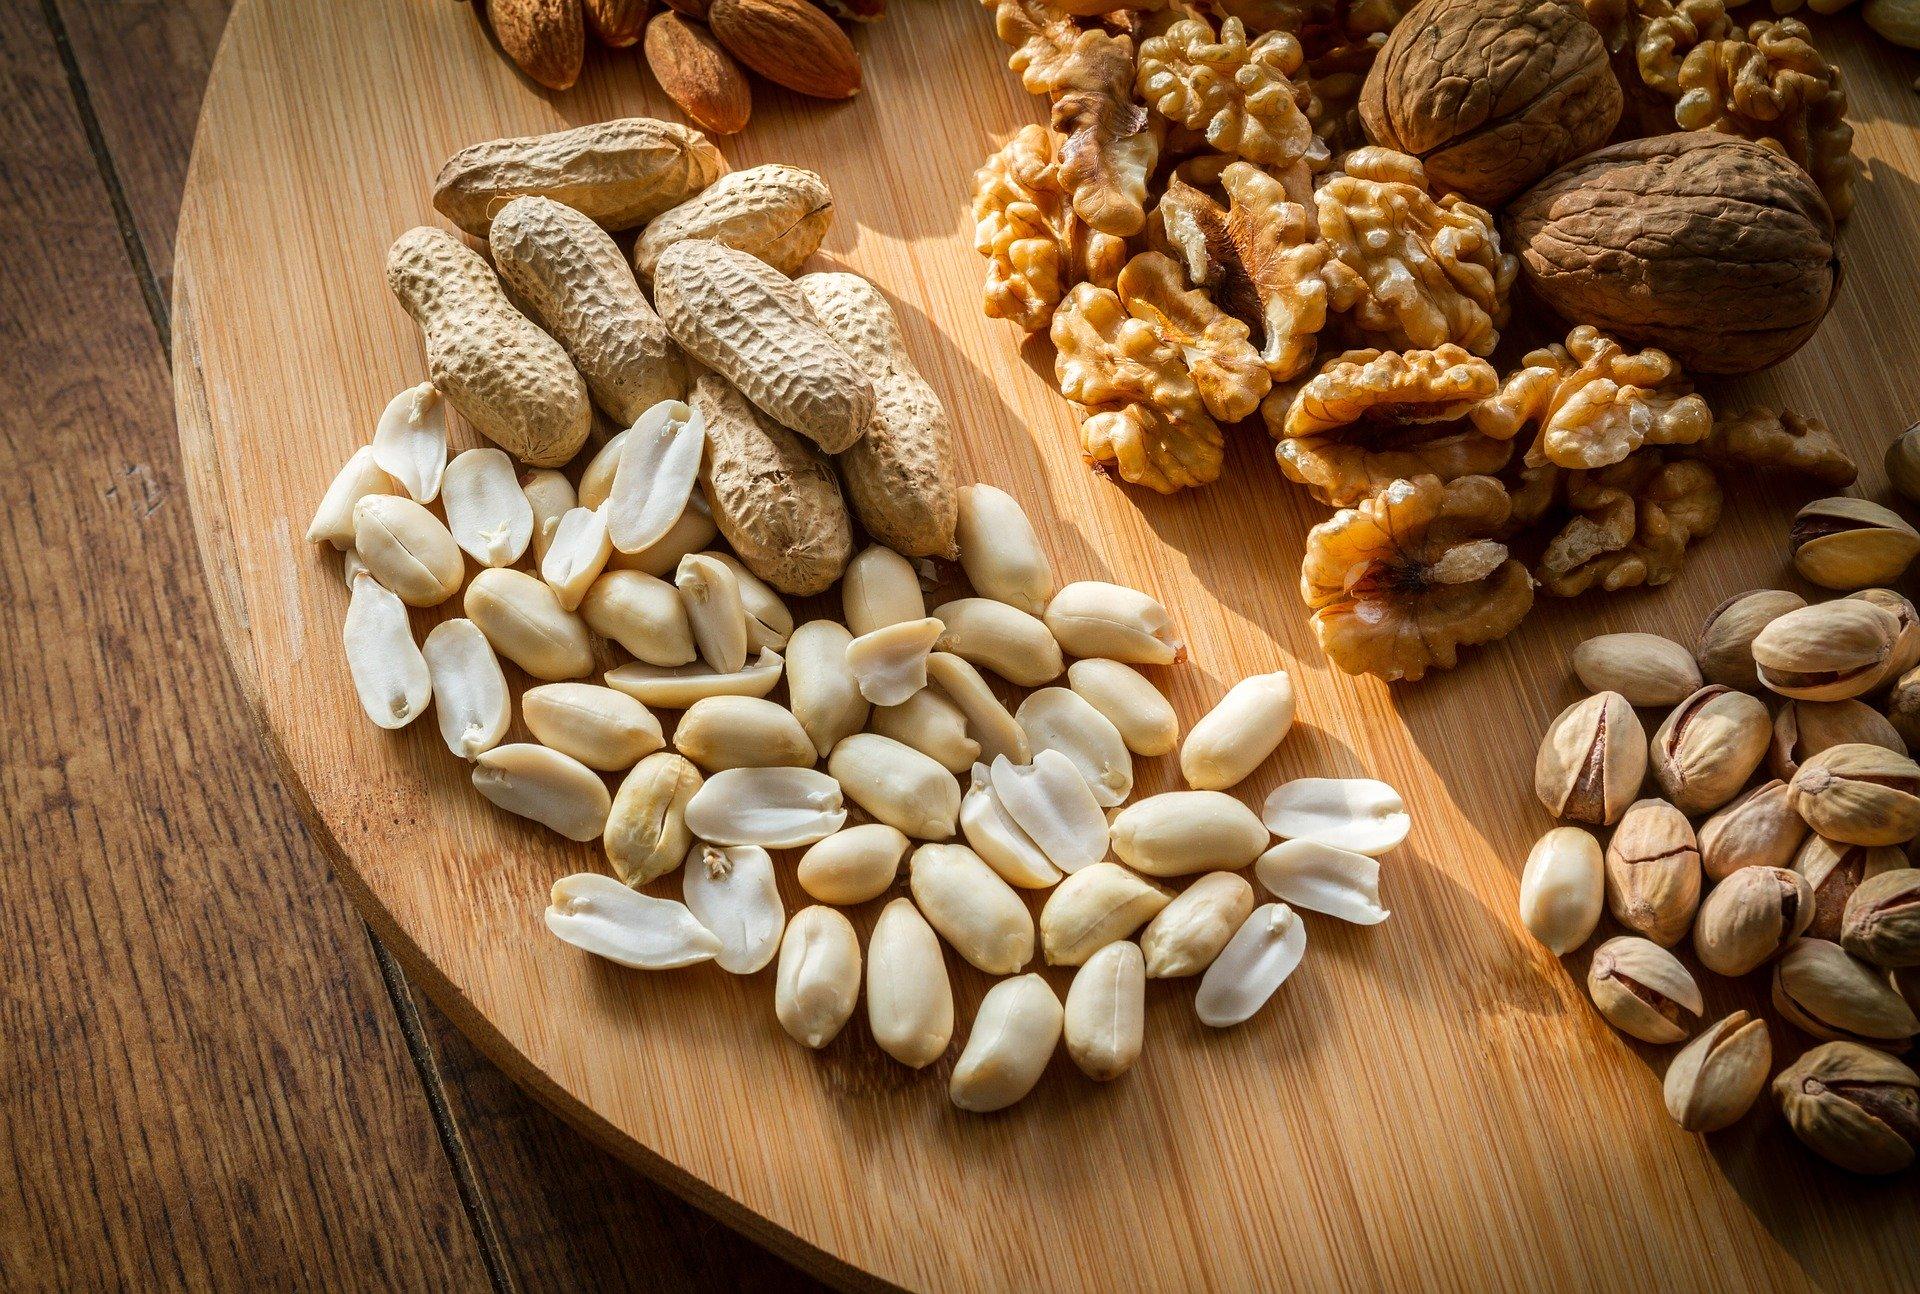 Nuci și semințe